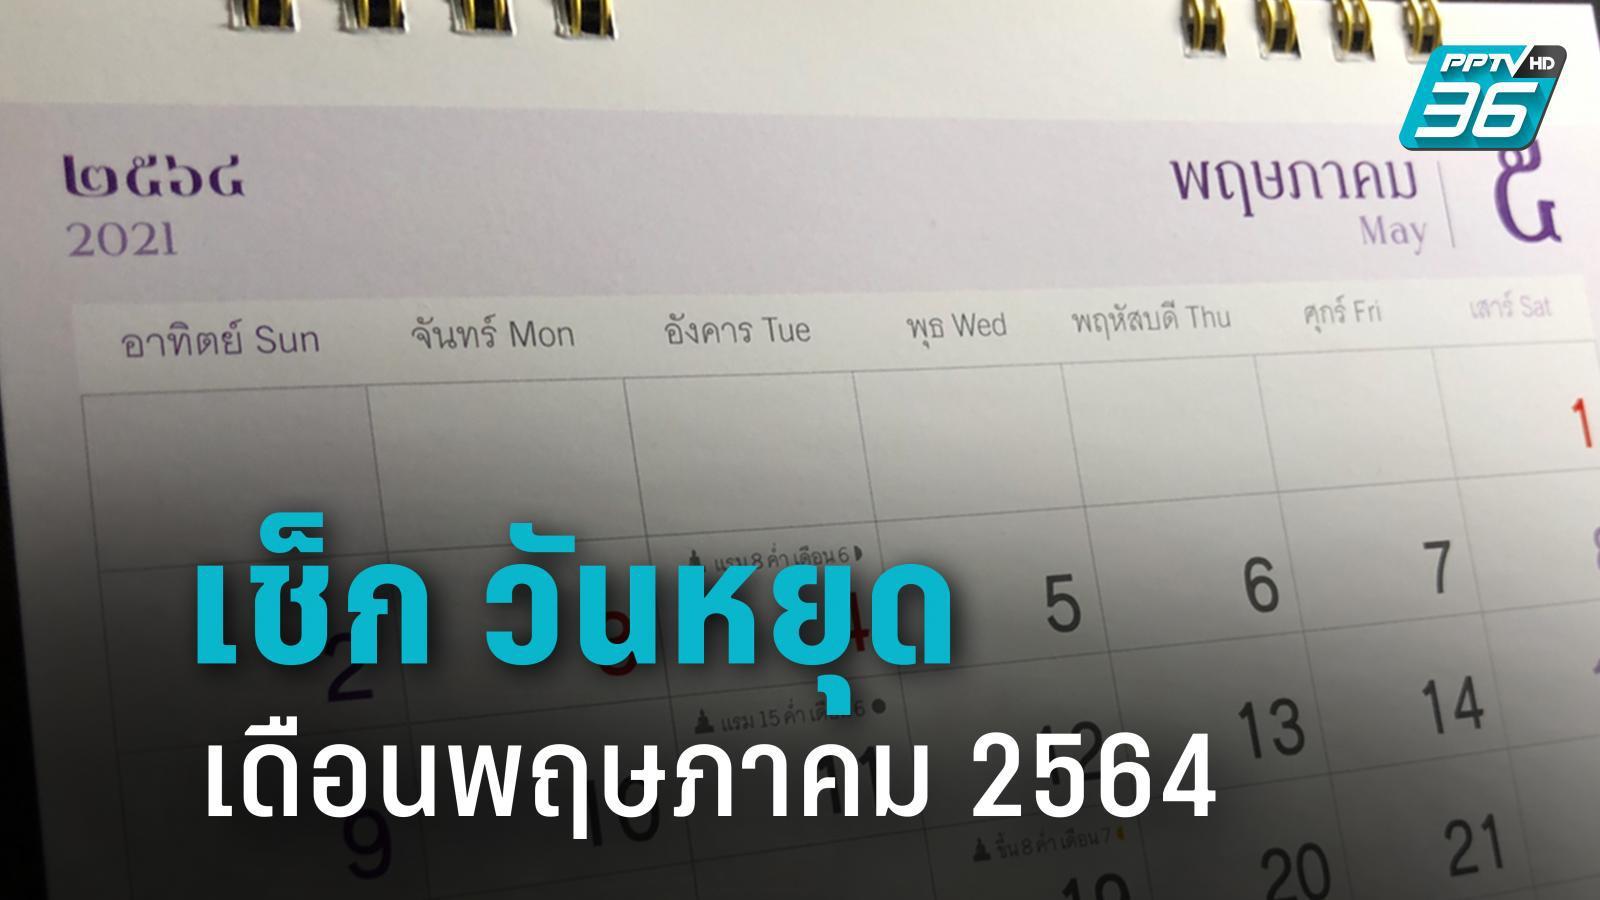 เช็กเลย ปฏิทินเดือนพฤษภาคม 2564 มีหยุดวันไหนบ้าง